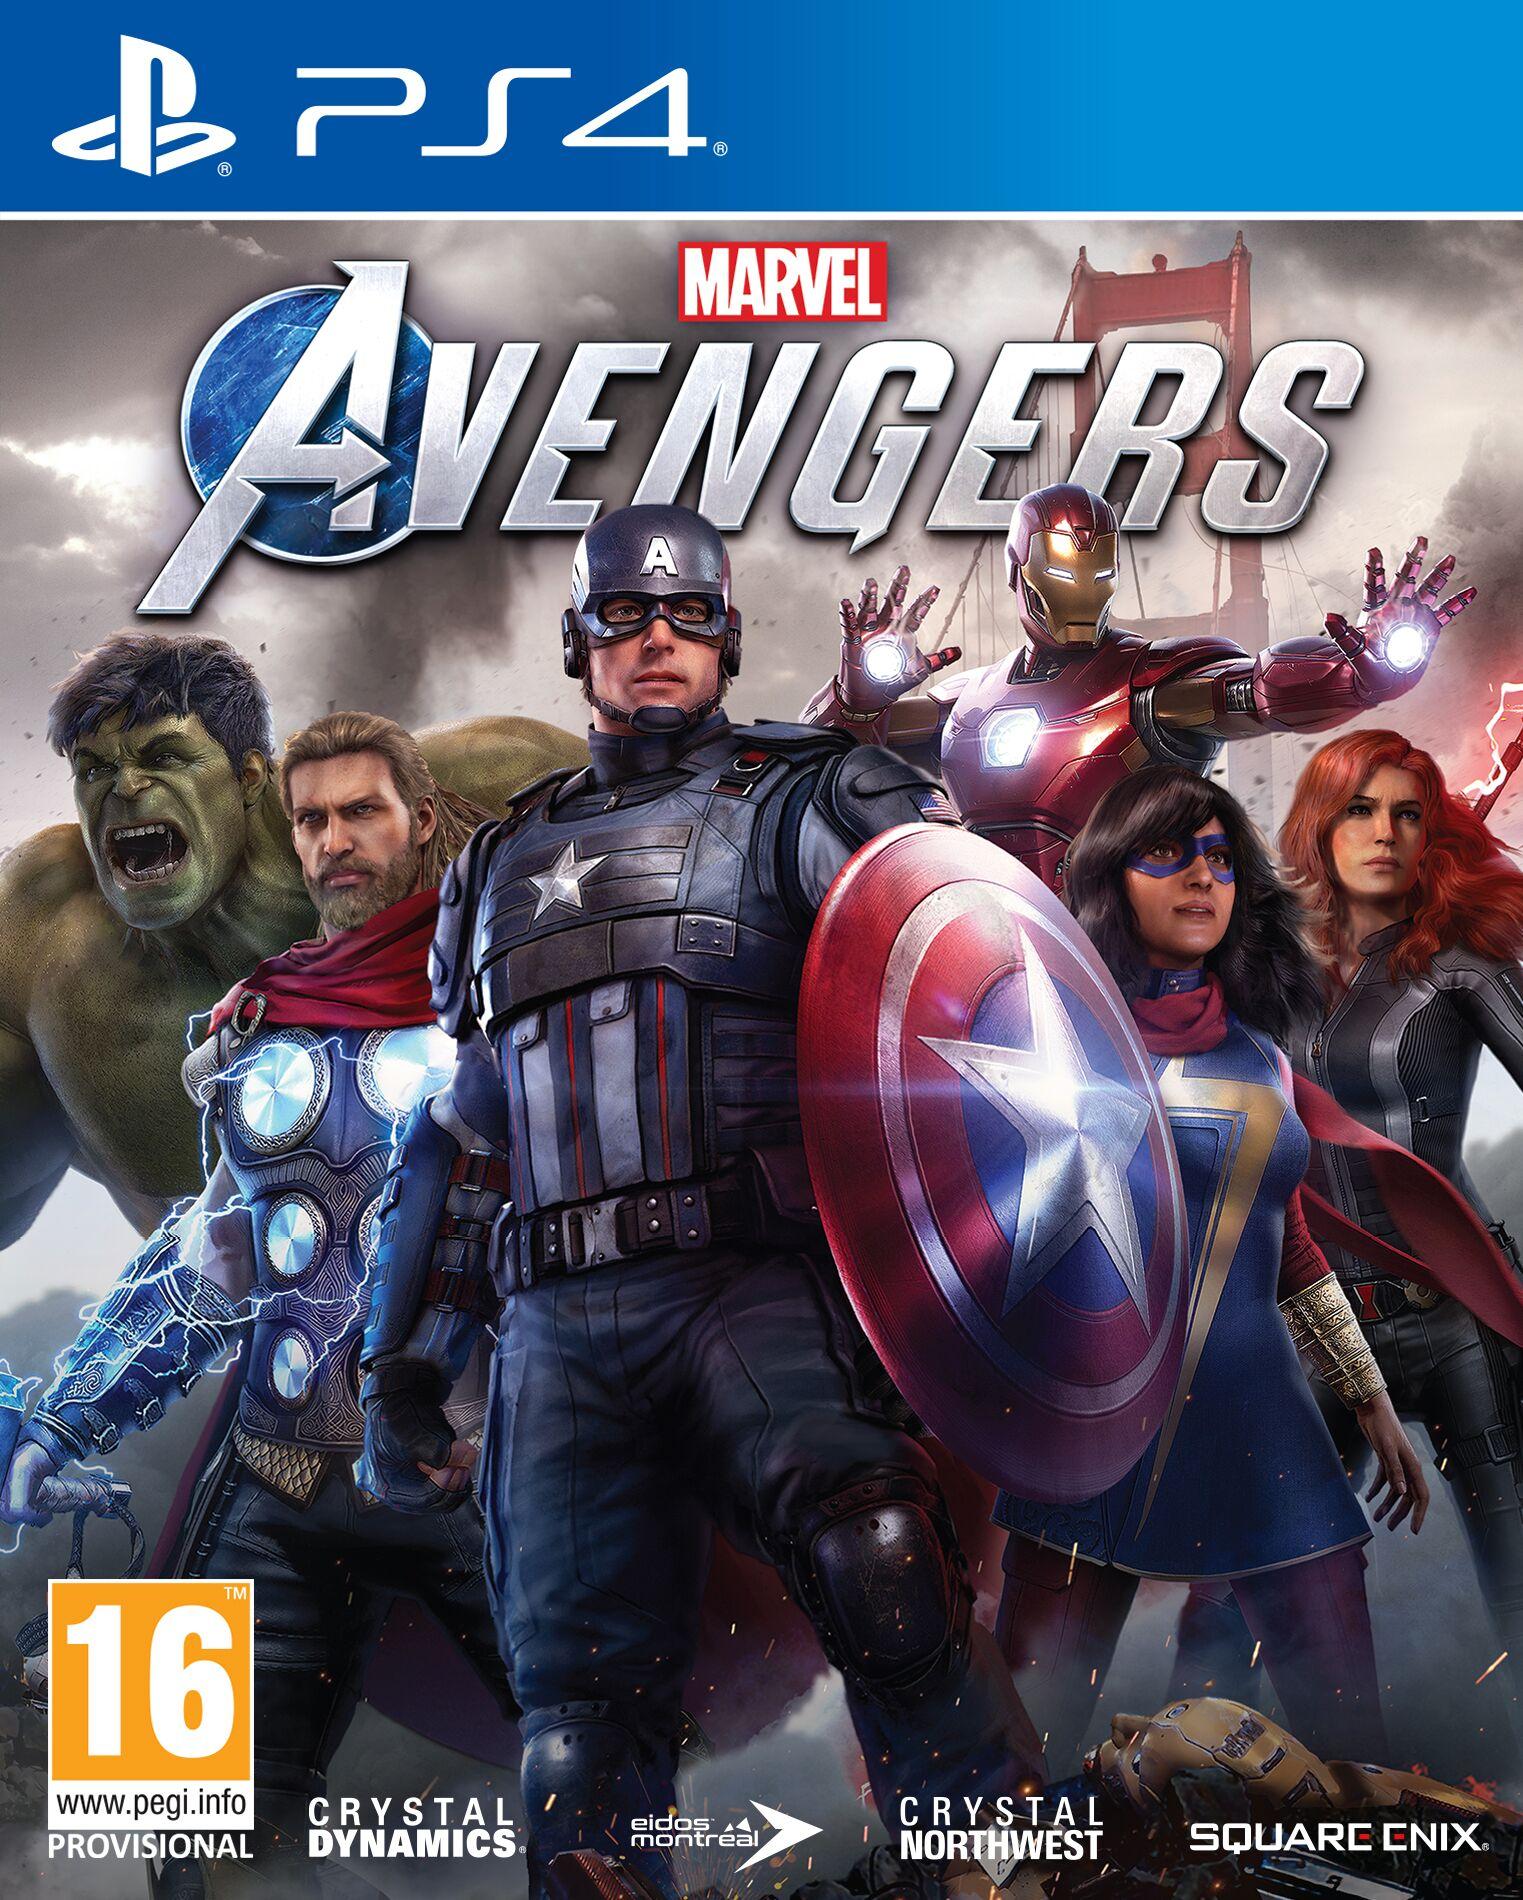 Marvel Avengers